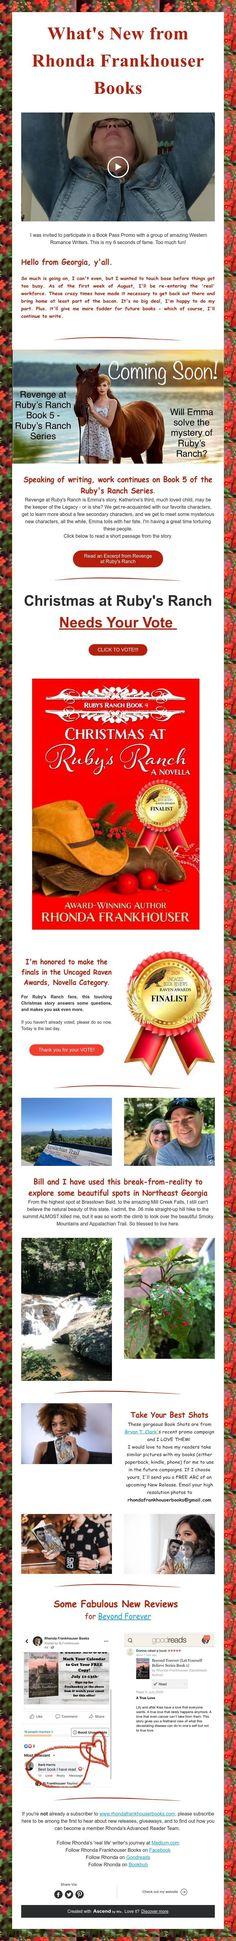 What's New from Rhonda Frankhouser Books